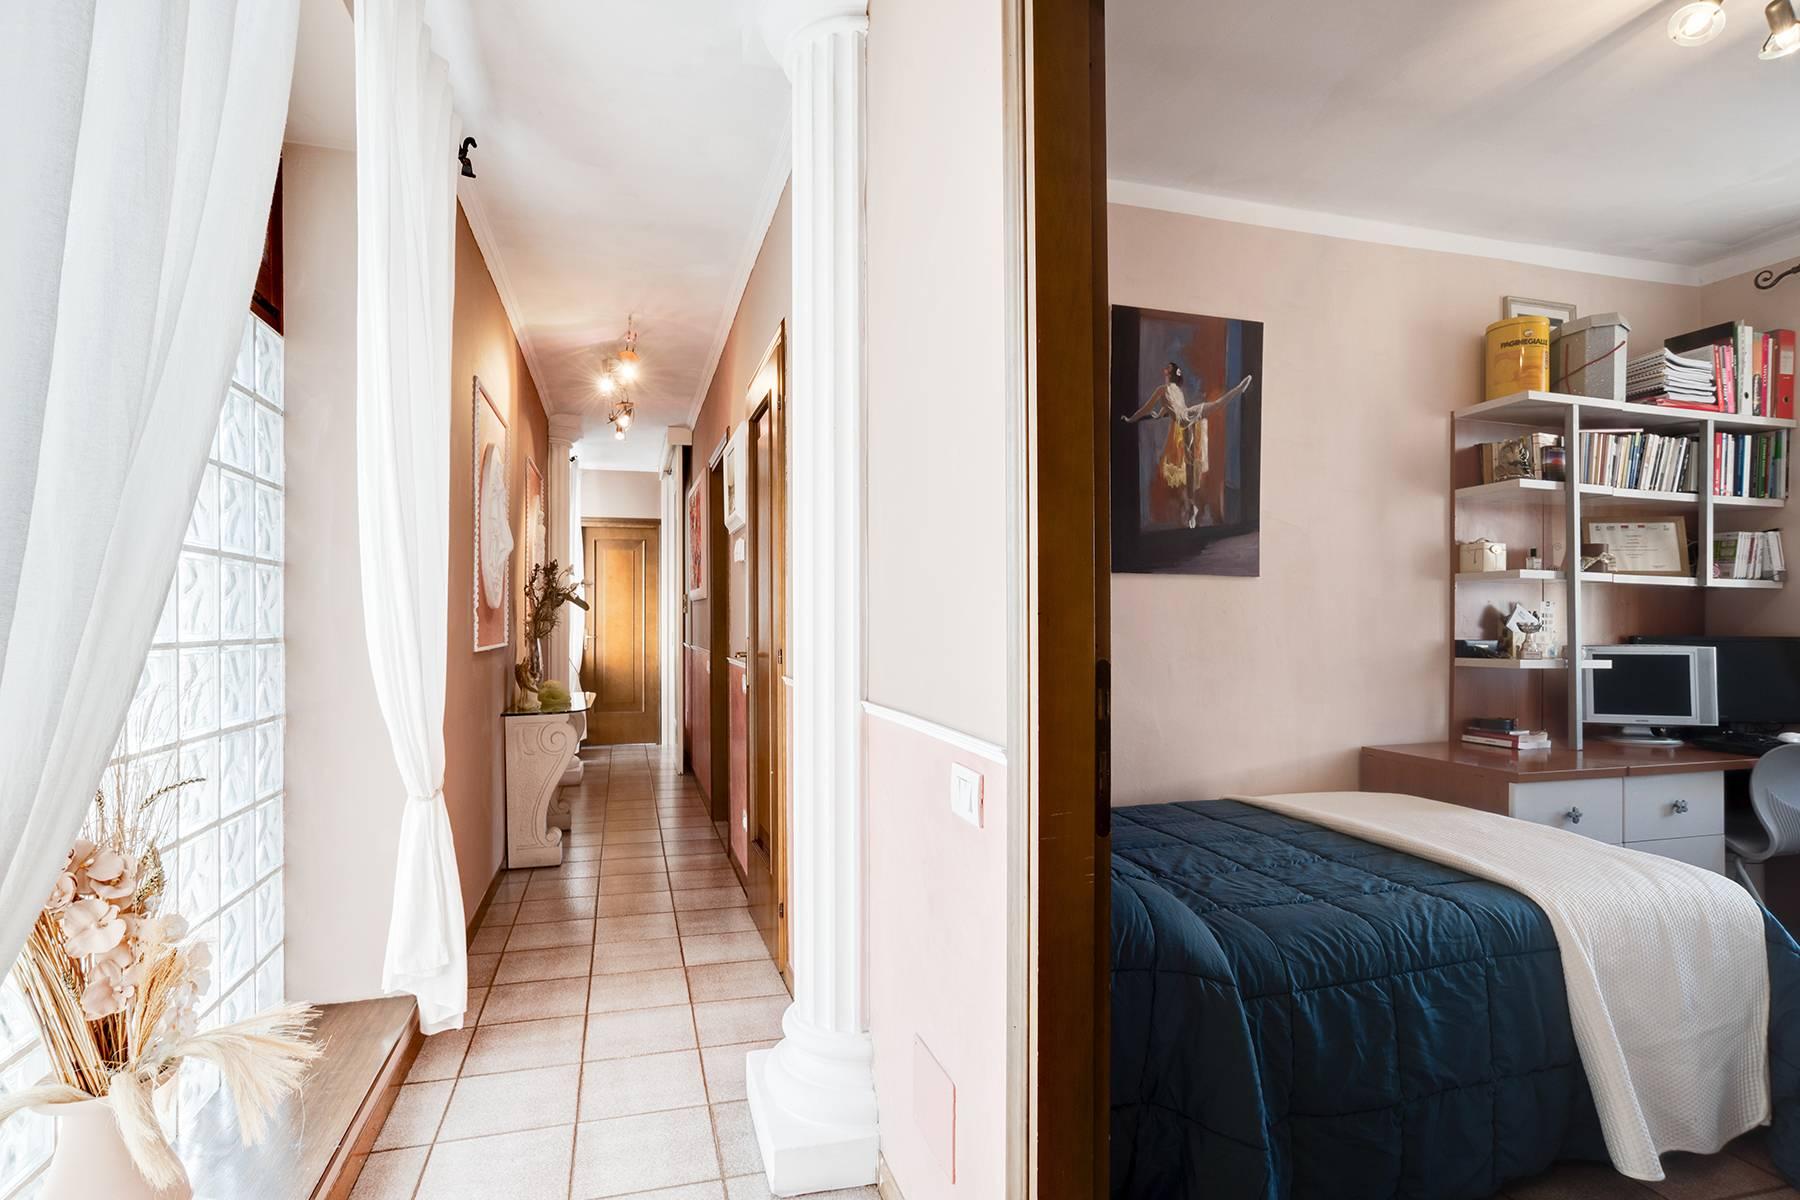 Villa in Vendita a Arona: 5 locali, 246 mq - Foto 11